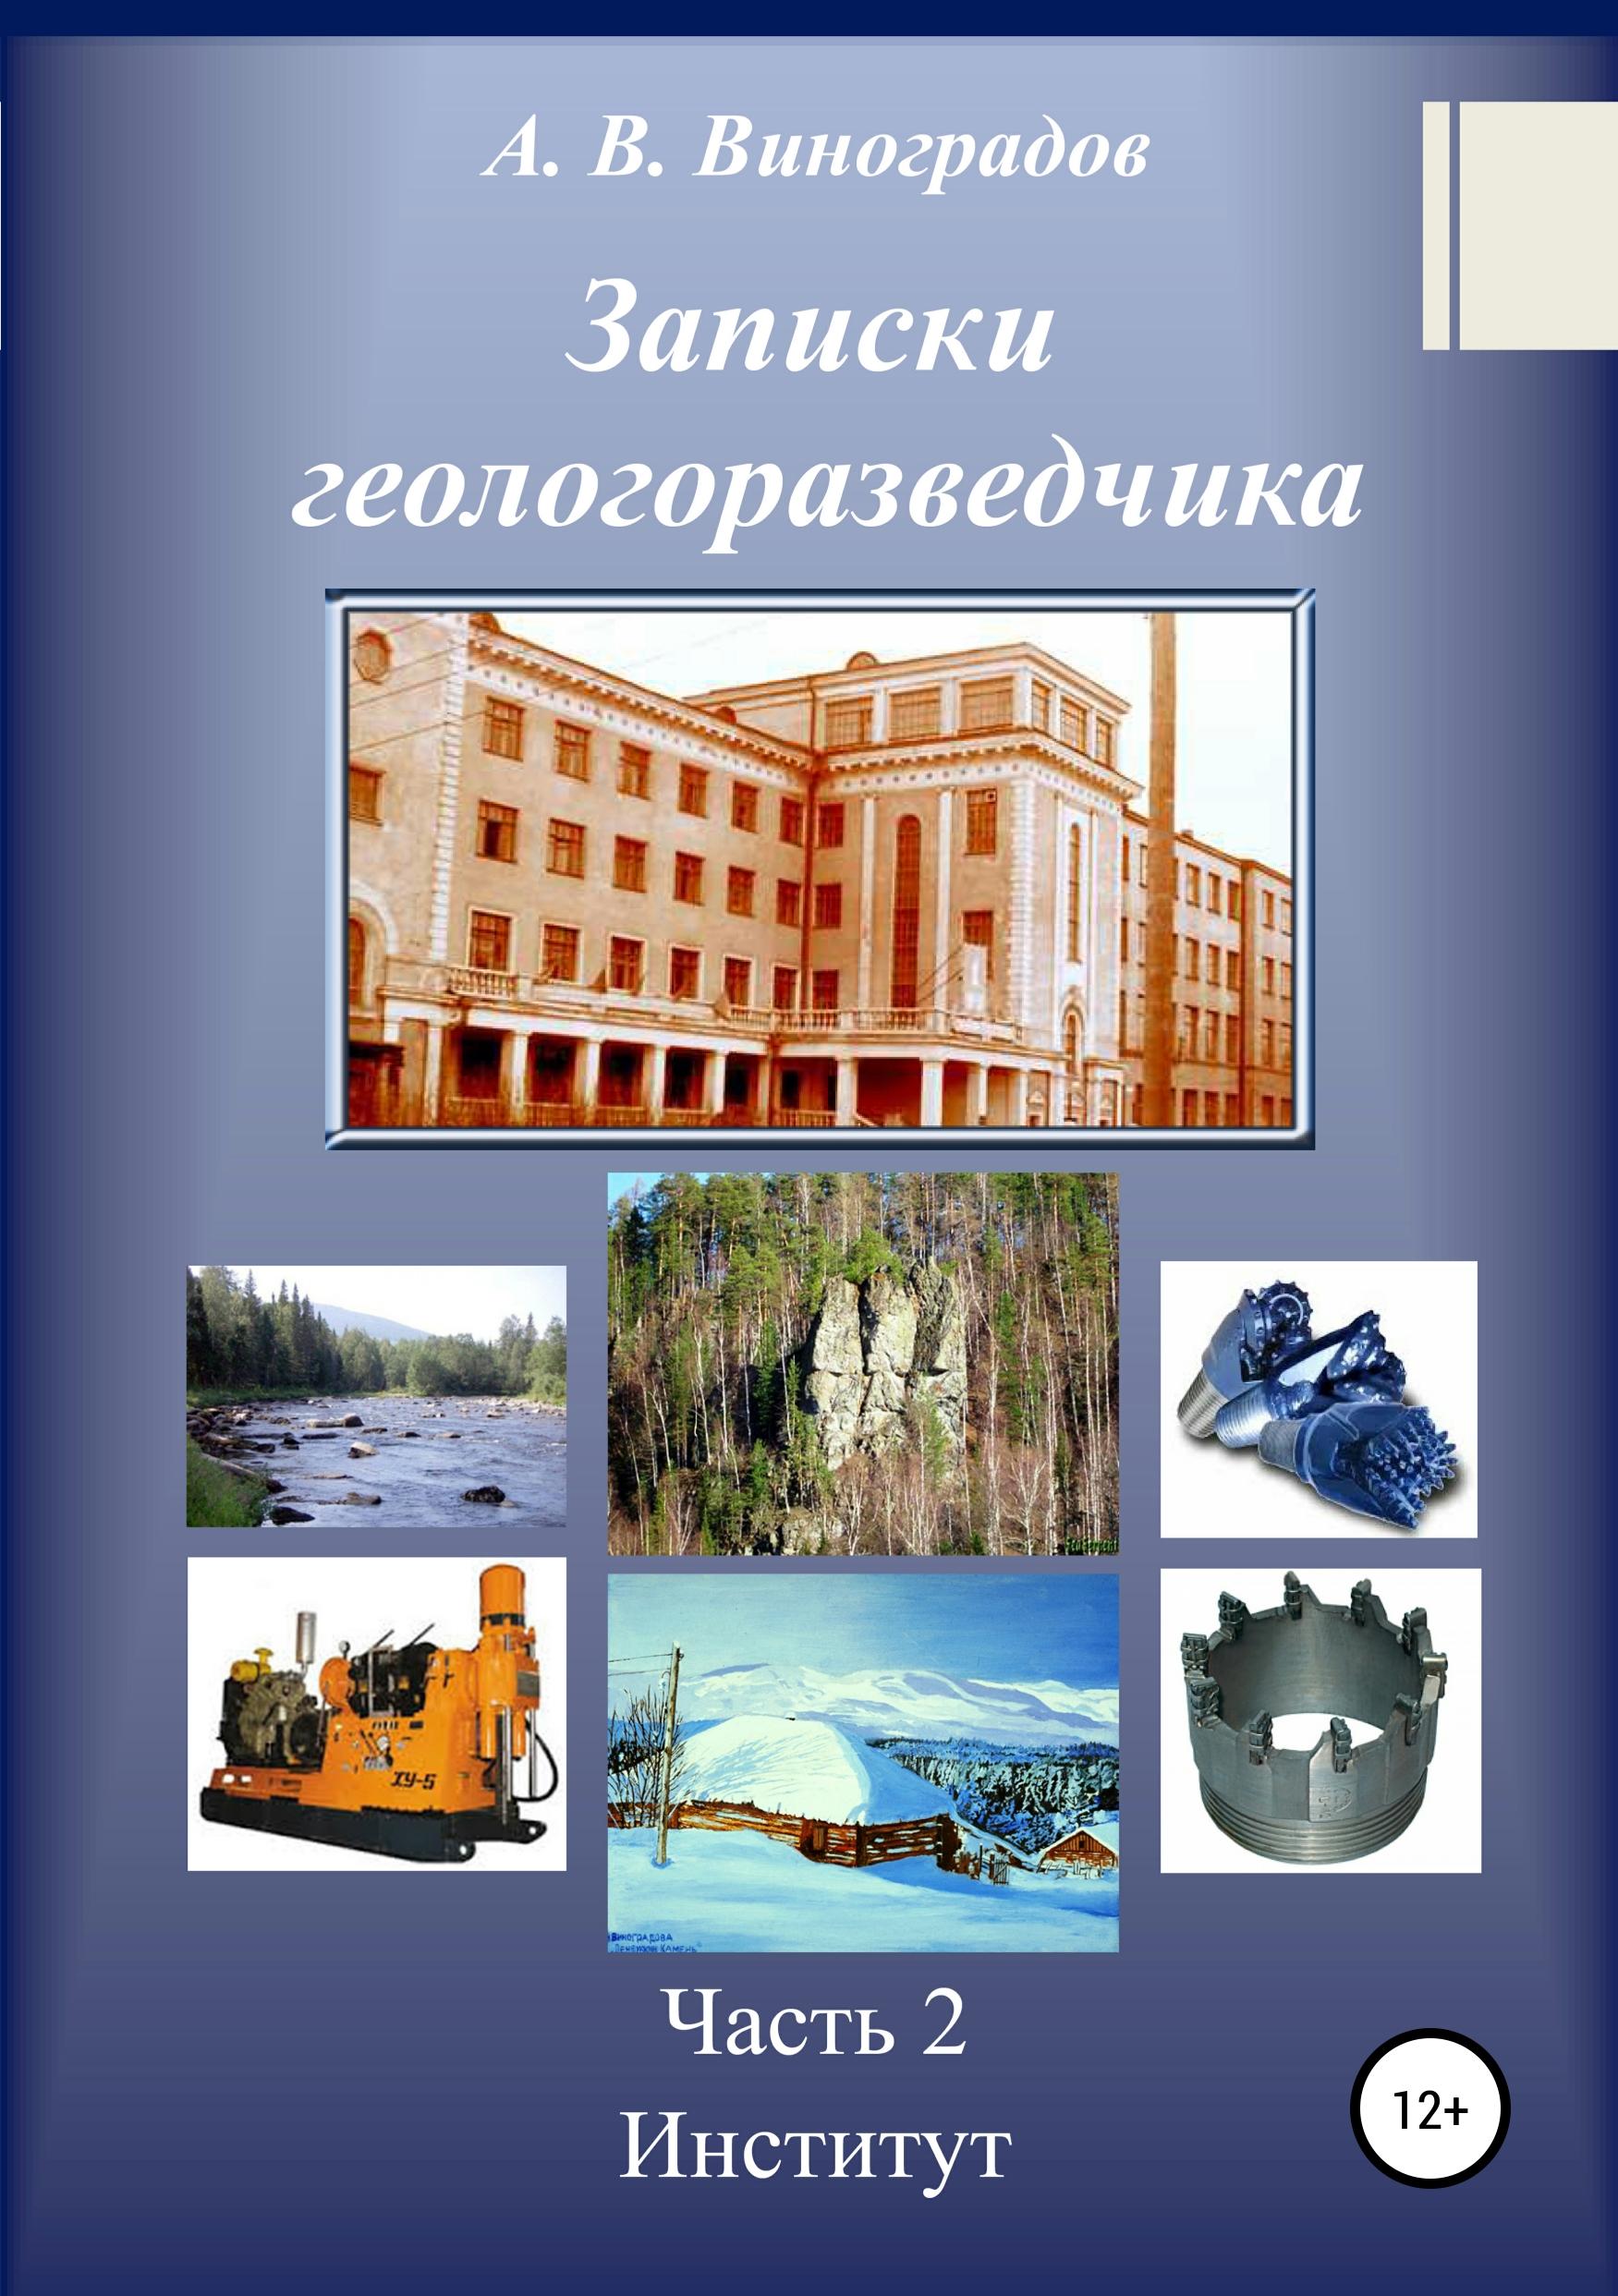 zapiski geologorazvedchika chast 2 institut